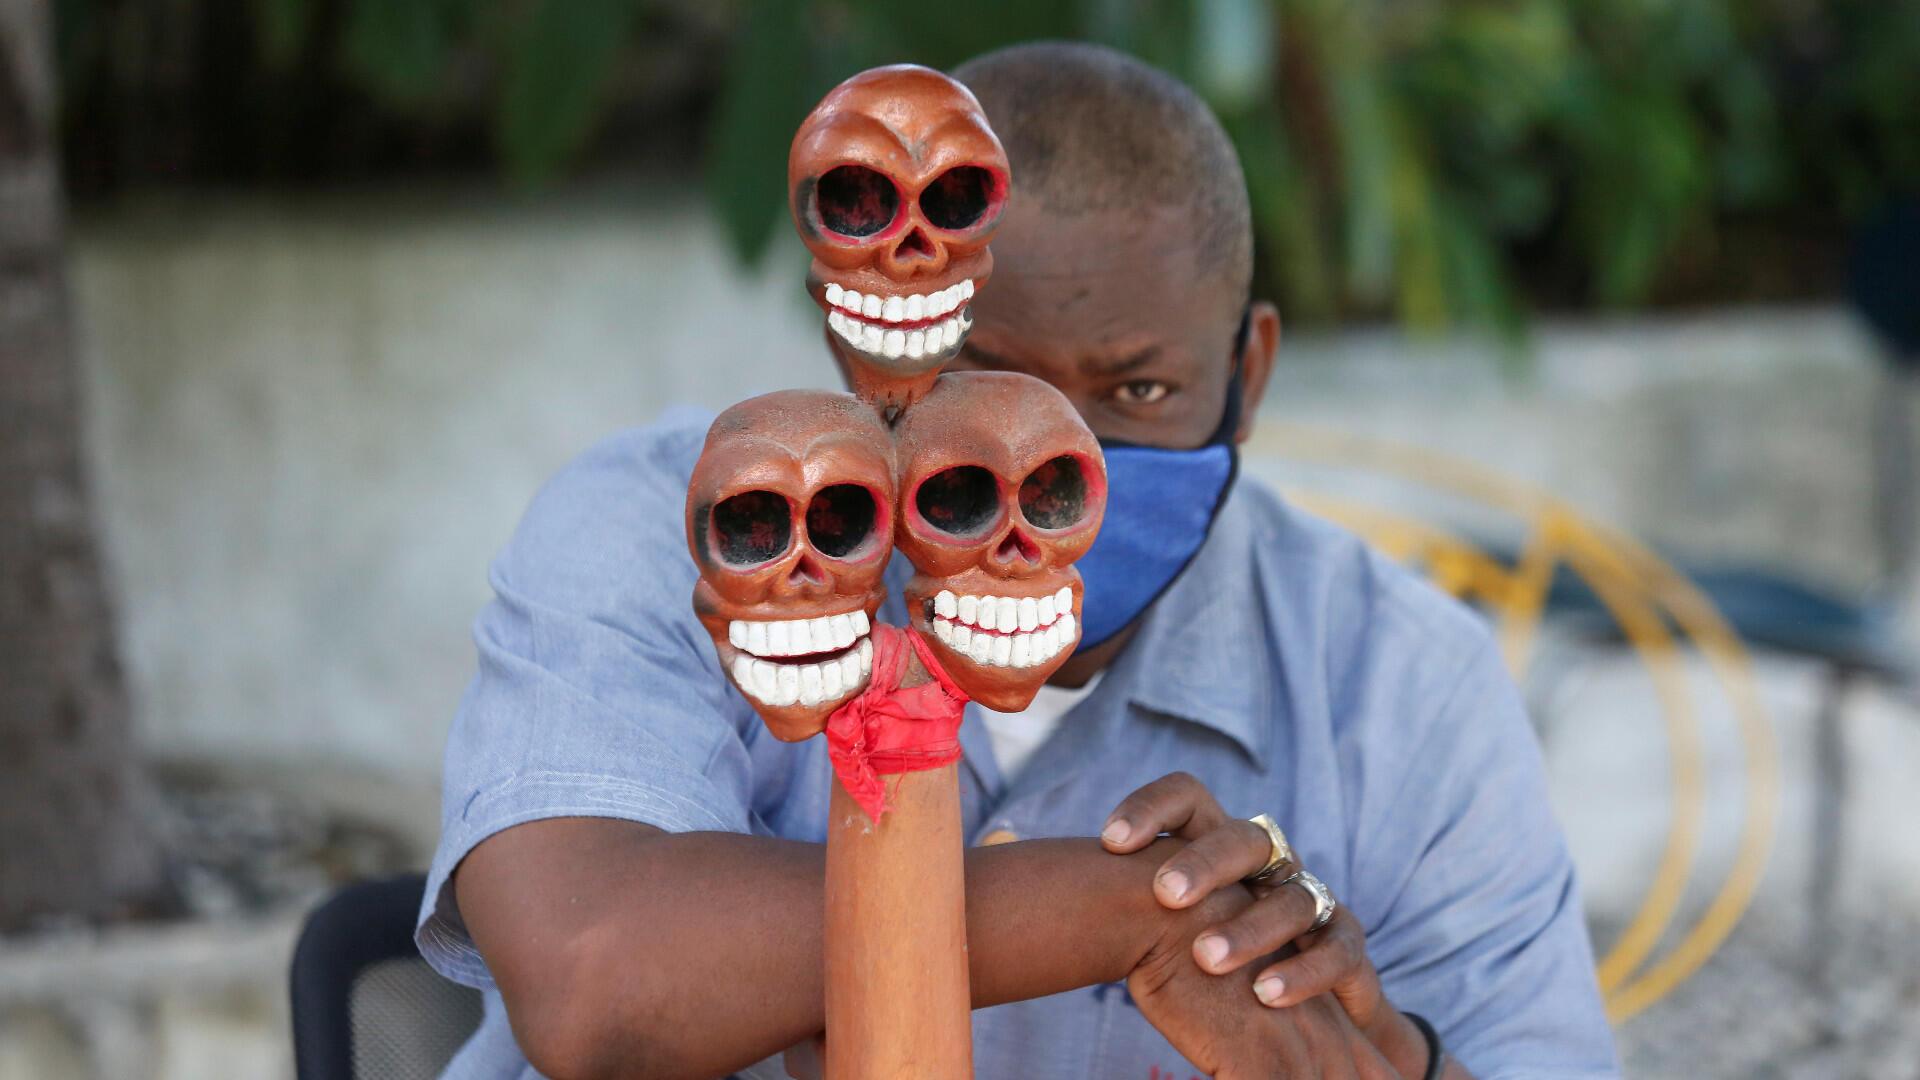 Un sacerdote vudú con una máscara facial para protegerse de la propagación de la enfermedad por coronavirus (COVID-19) participa en una ceremonia en Puerto Príncipe, Haití, 1 de mayo de 2020. Fotografía tomada el 1 de mayo de 2020.